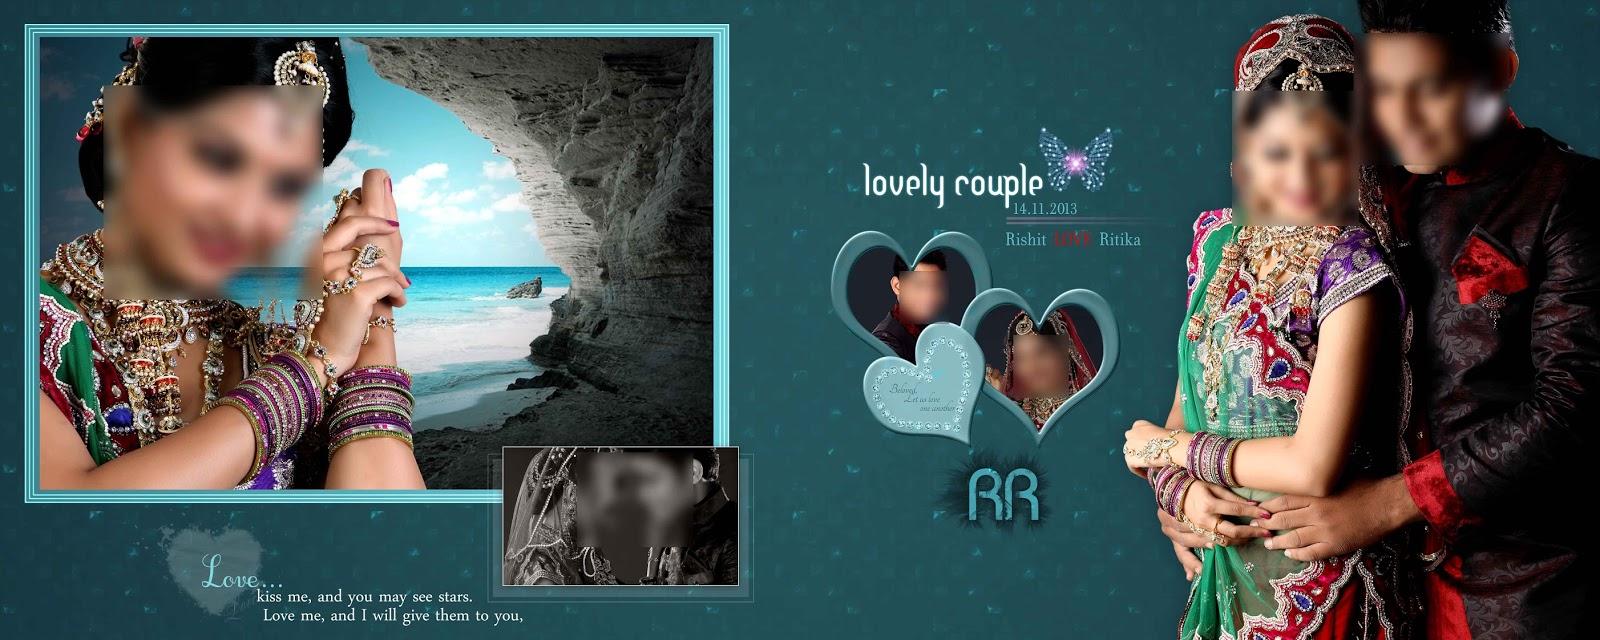 marriage photo album design templates